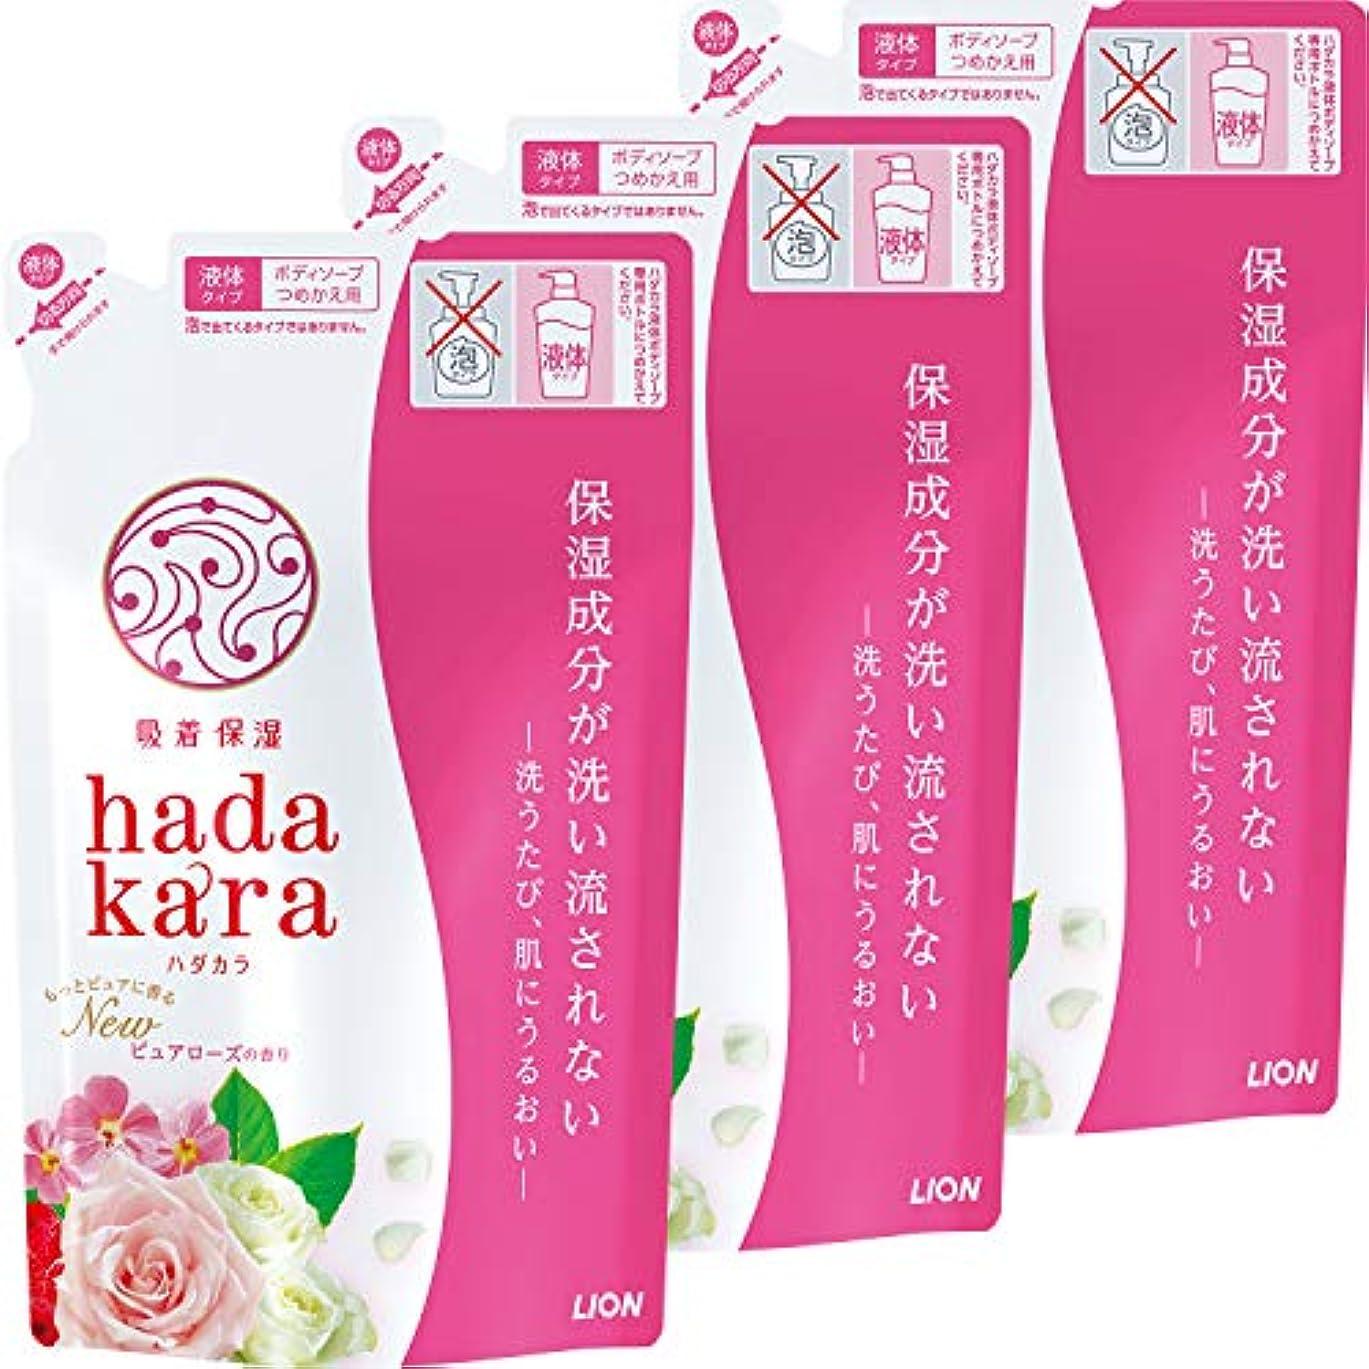 羊飼い忌み嫌う自分【まとめ買い】hadakara(ハダカラ) ボディソープ ピュアローズの香り つめかえ用 360ml×3個